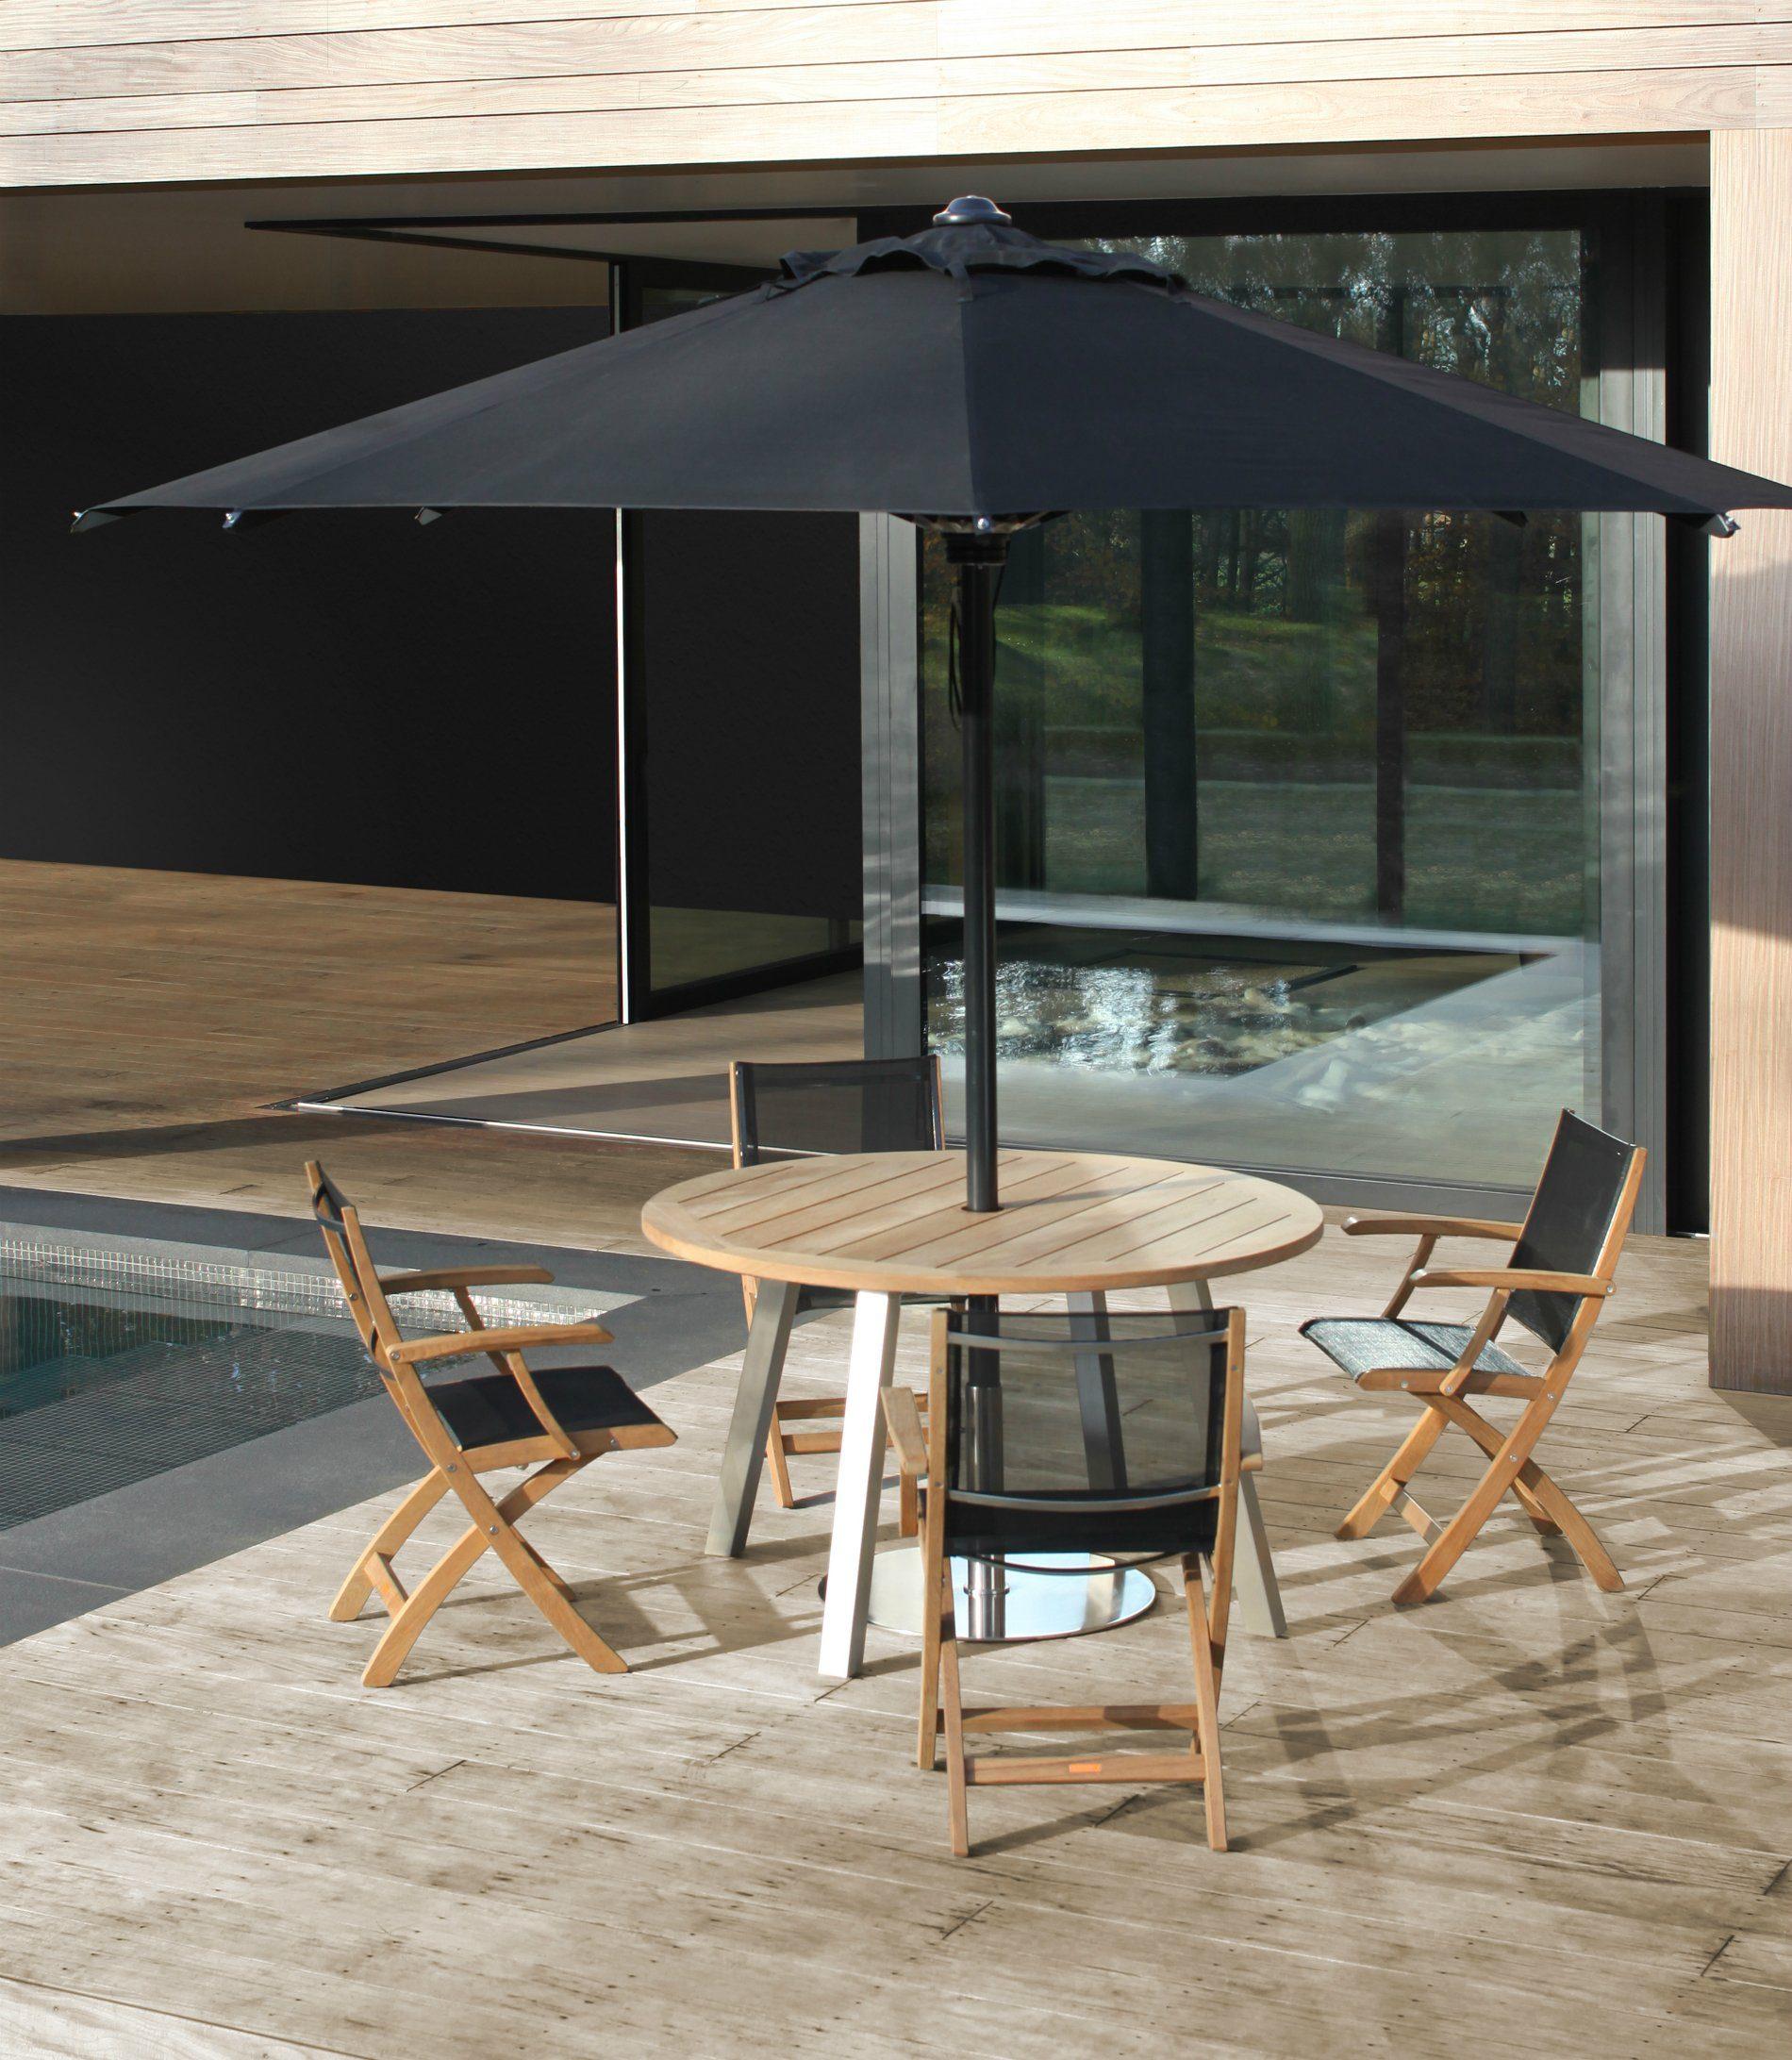 royal botania gartenstuhl xqi 55f klappsessel. Black Bedroom Furniture Sets. Home Design Ideas